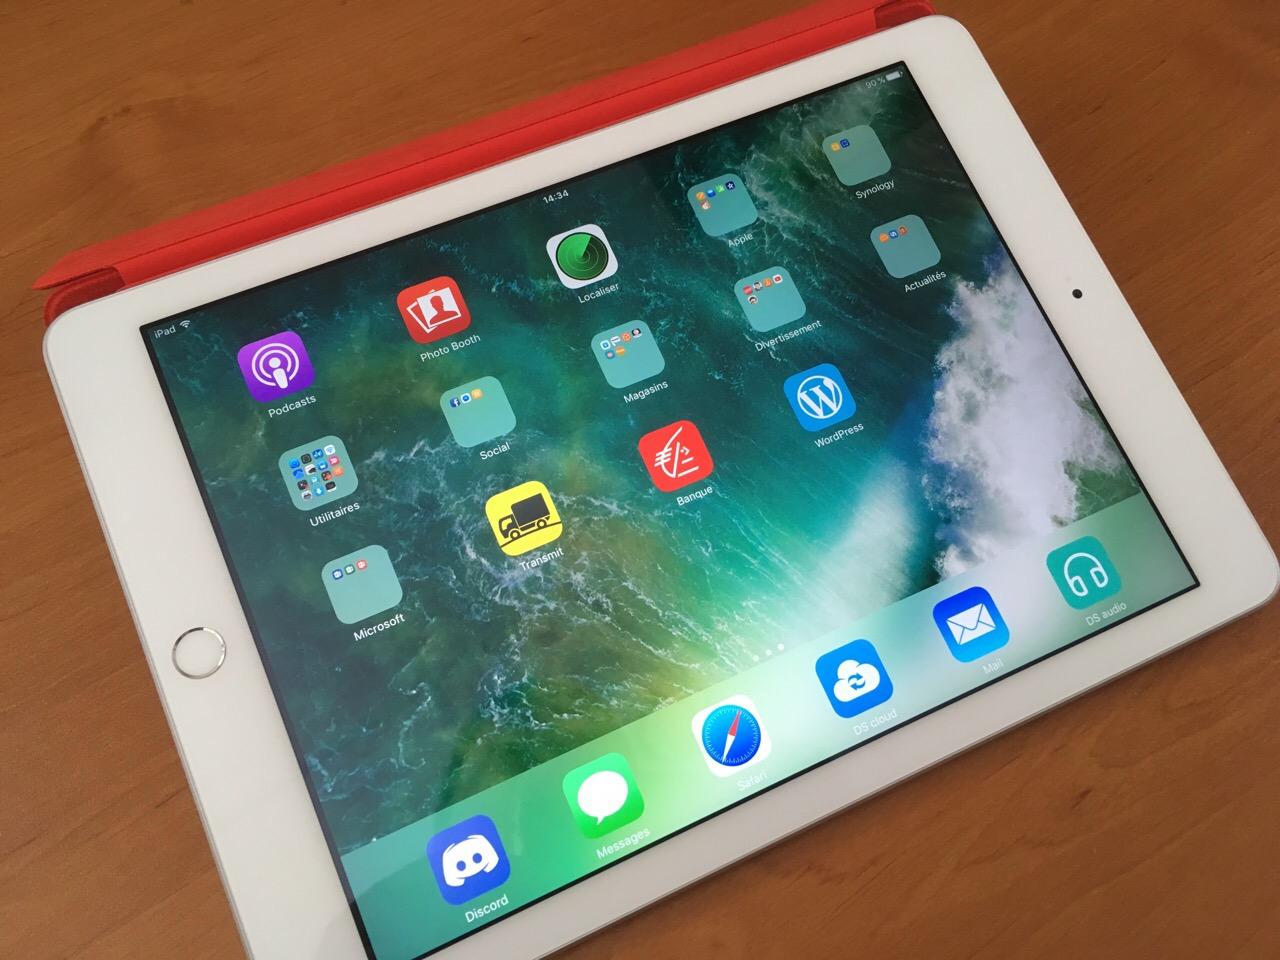 Déballage et premier test de l'iPad 2017 (iPad 5)